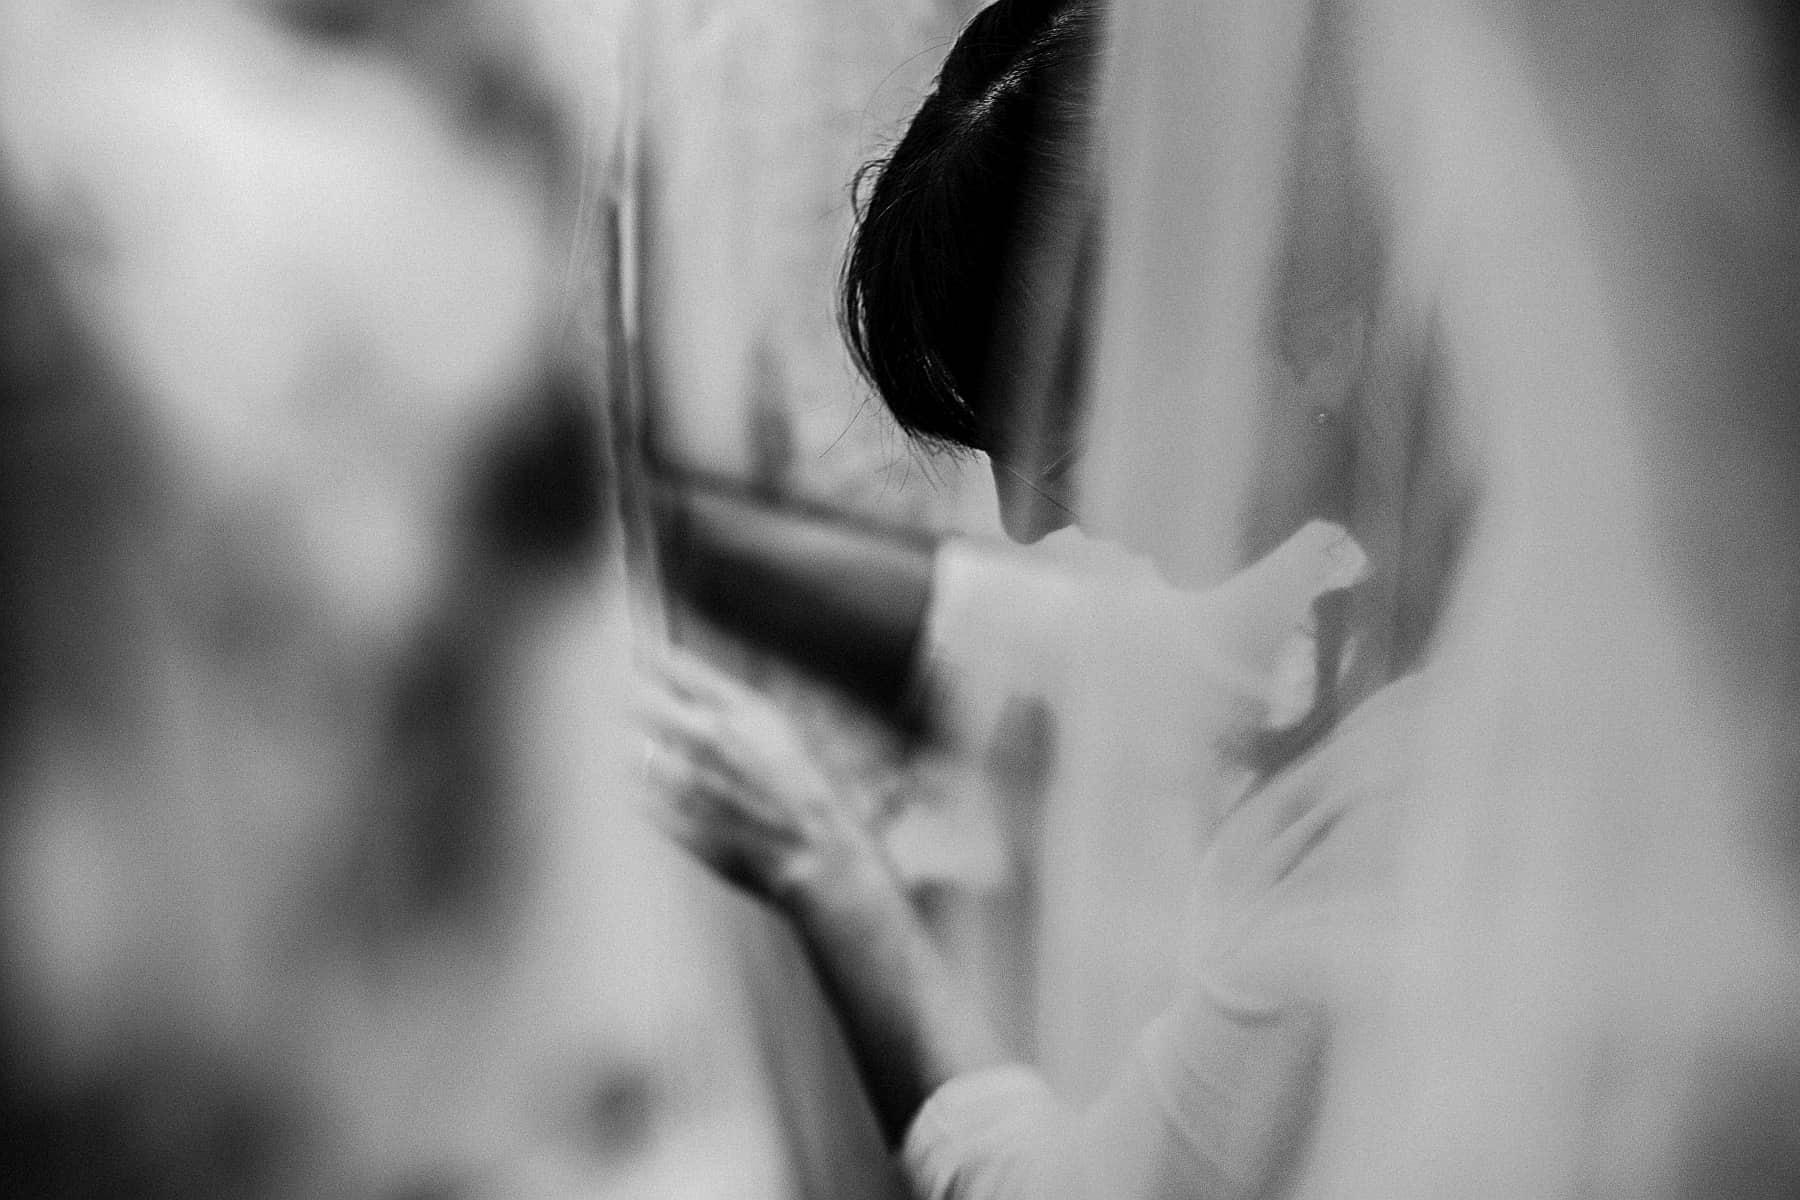 Fotos vom Kauf des Brautkleids: Tamara findet ihr Hochzeitskleid